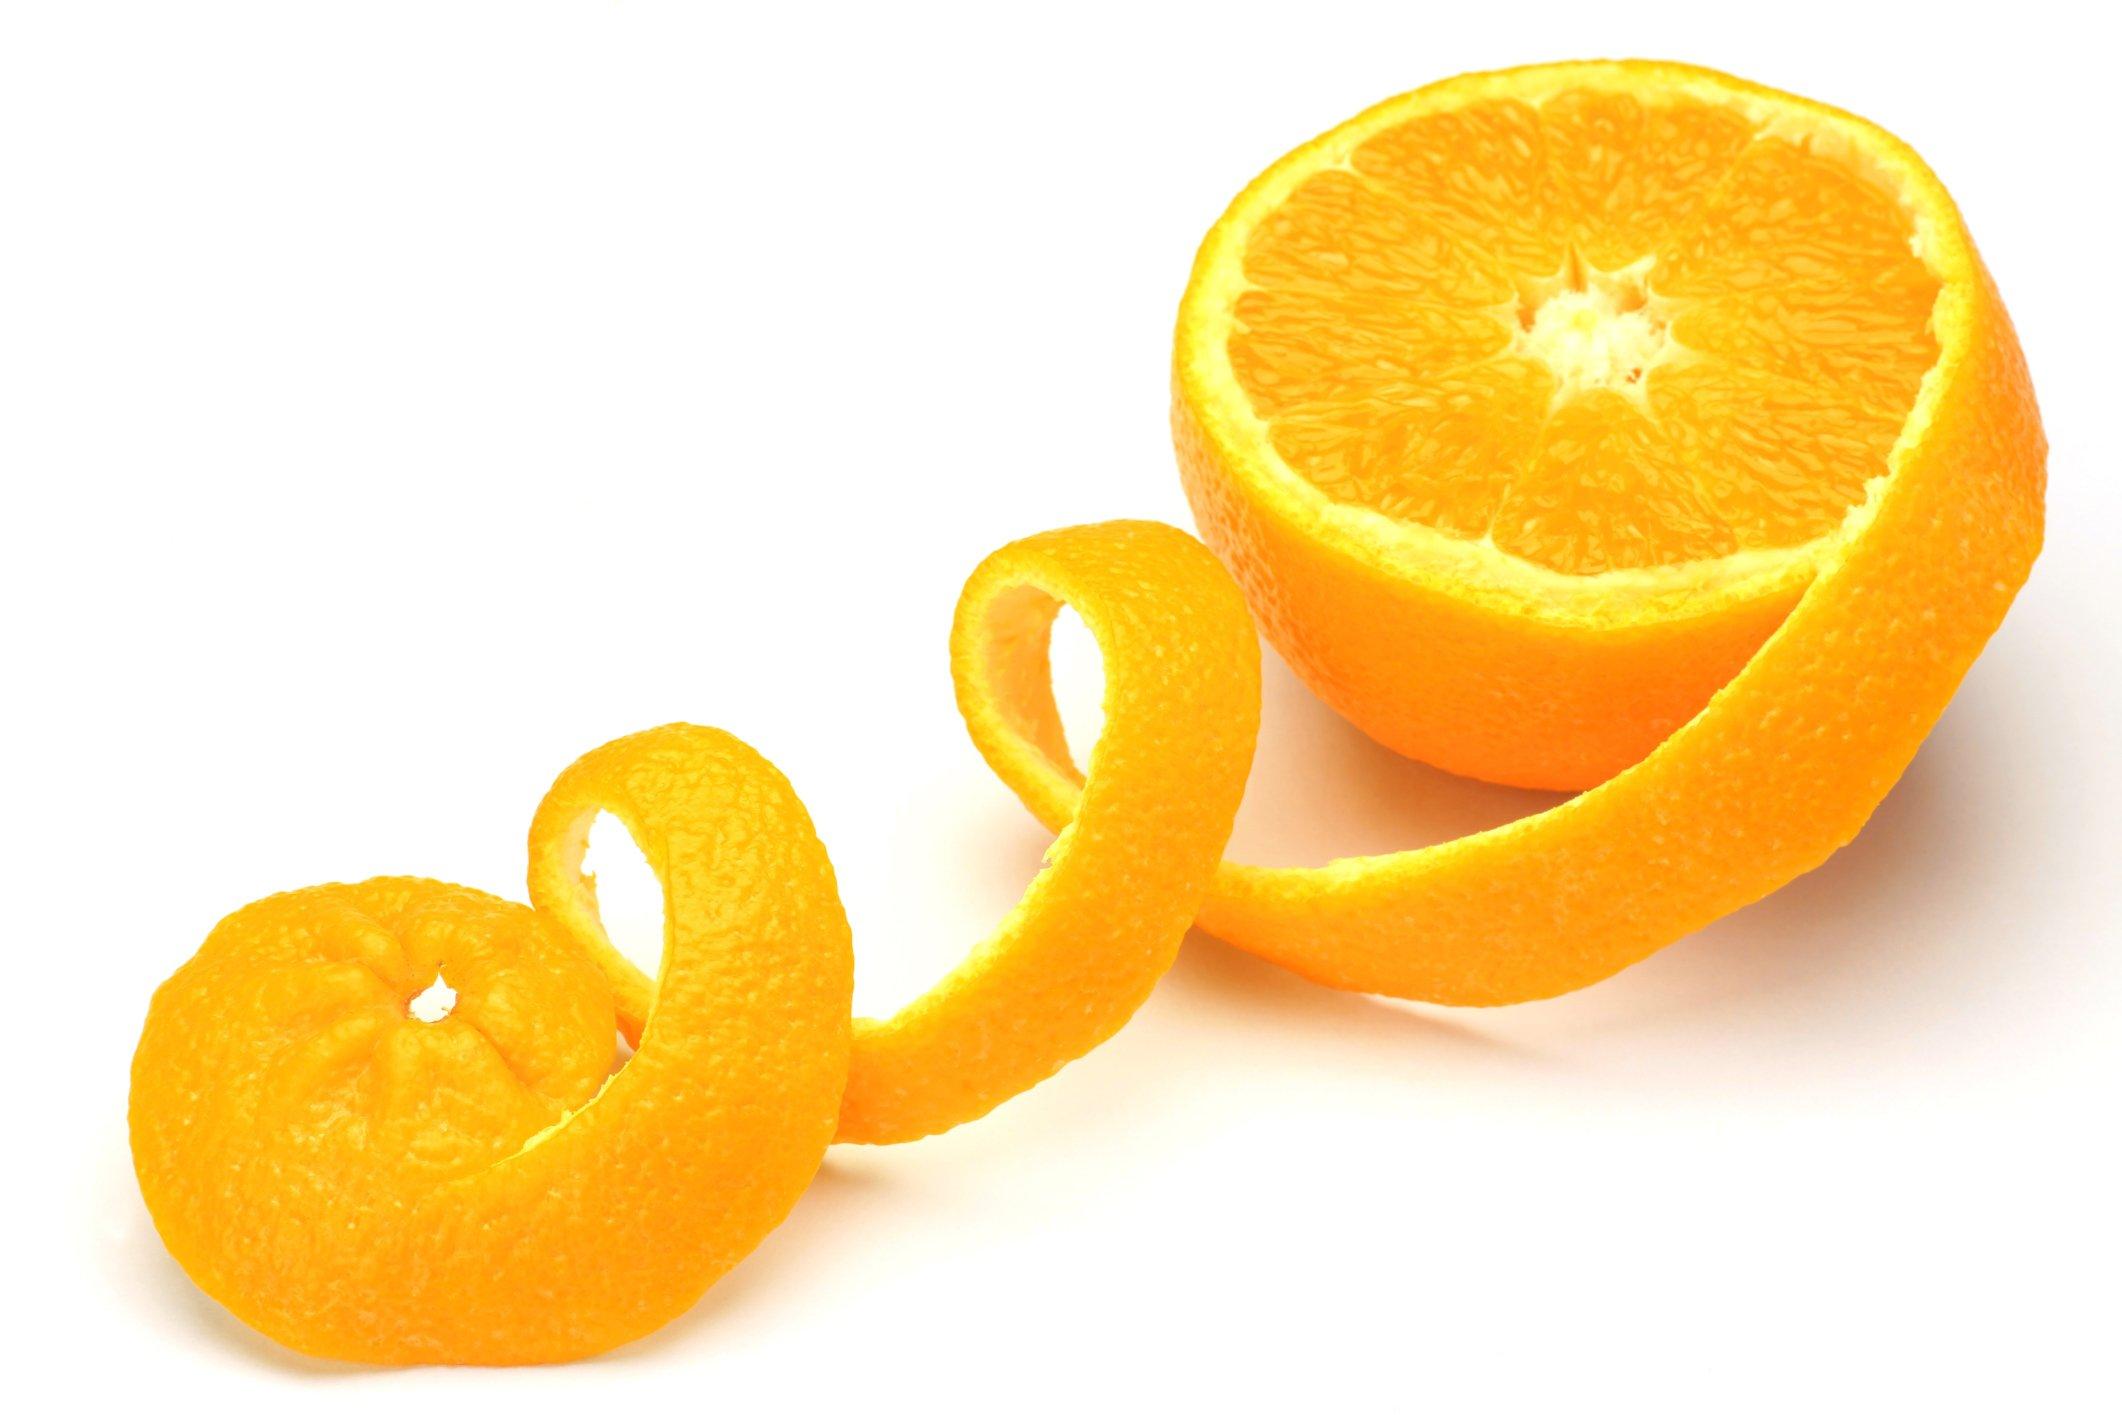 portocala-27072015